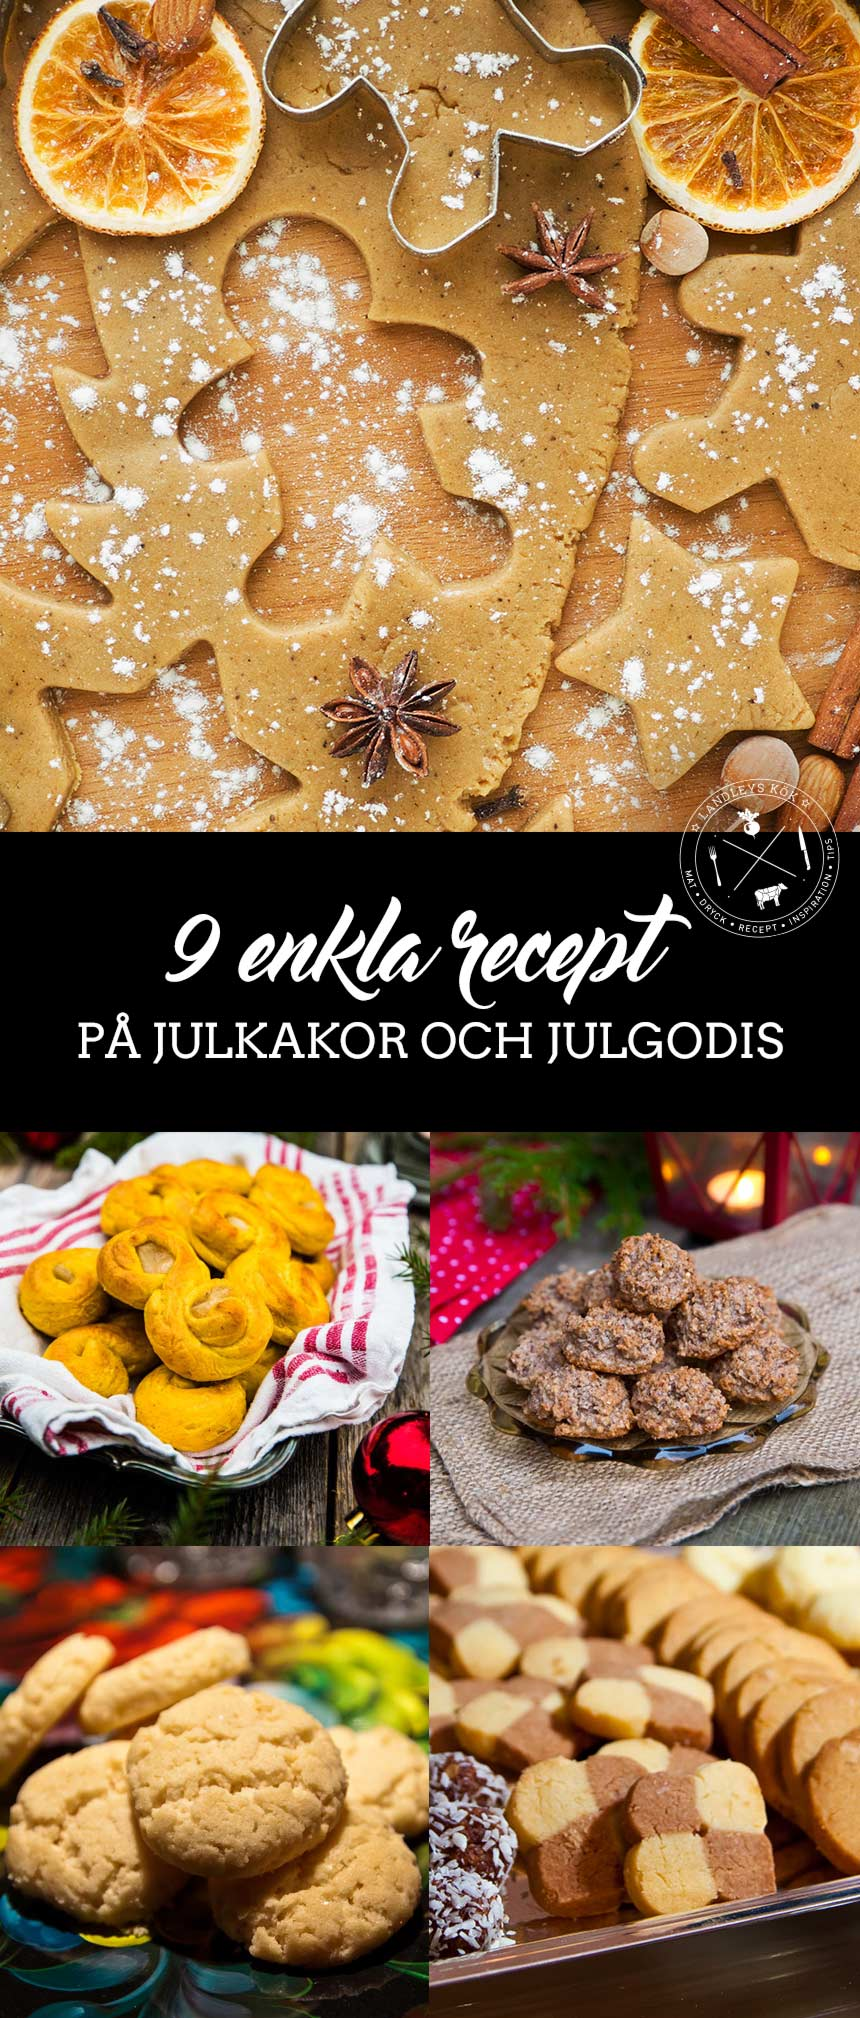 9 enkla recept på julkakor och julgodis